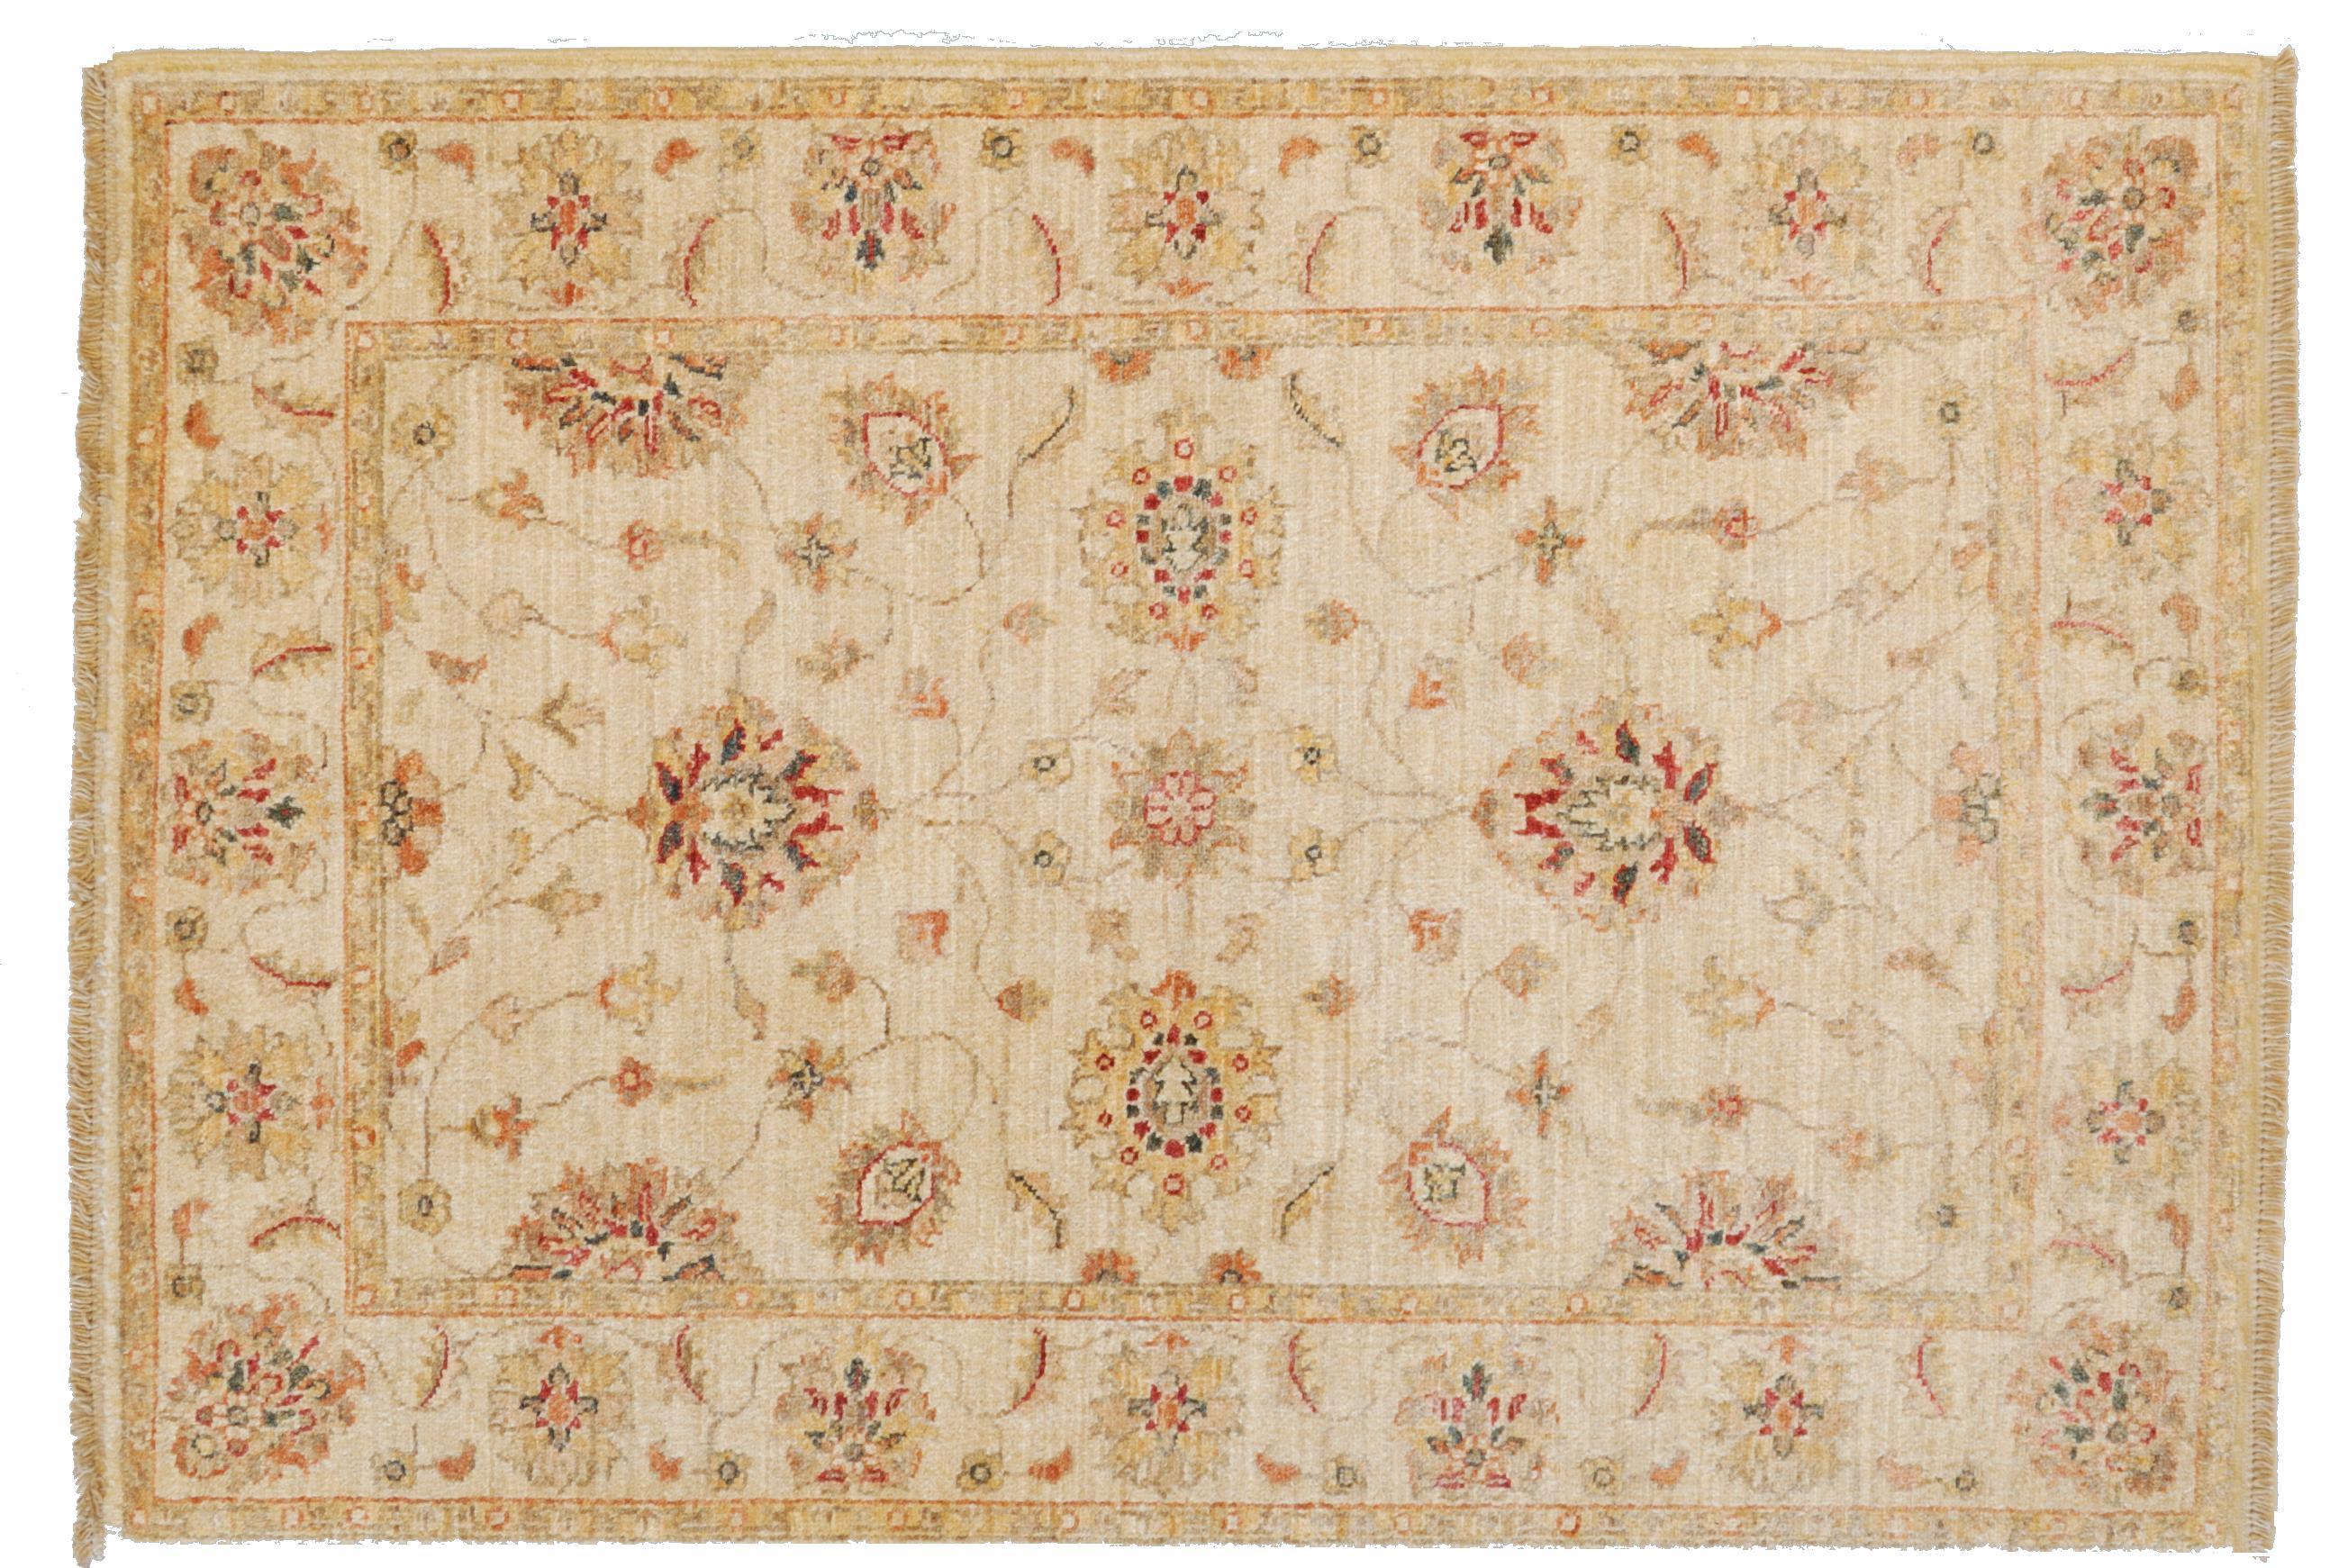 Tappeto della collezione agra molto pi fine dei tappeti - Tappeti immagini ...